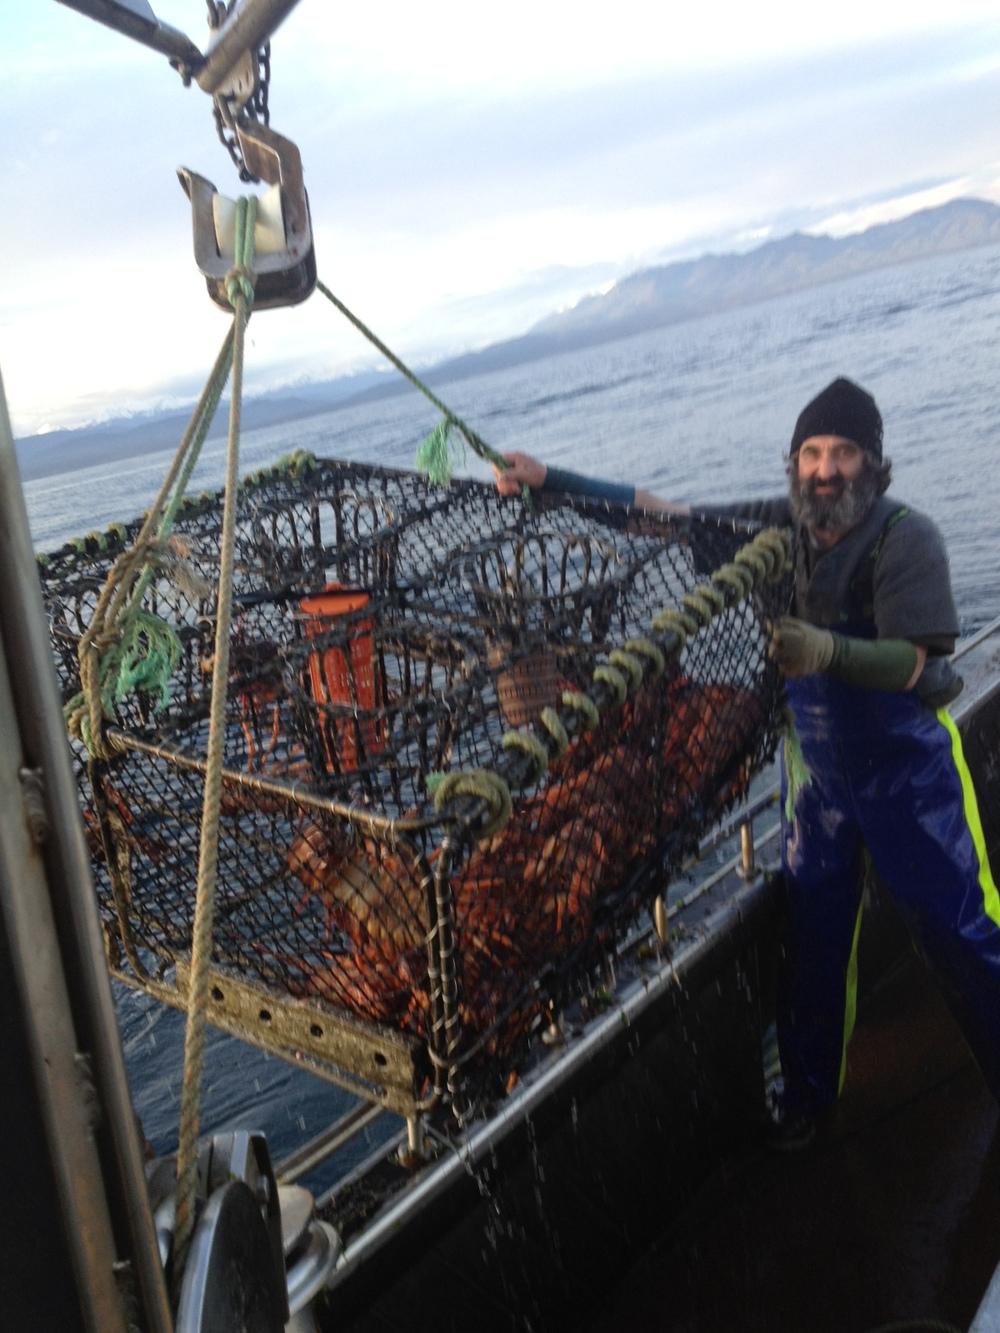 New Zealand Rock Lobster